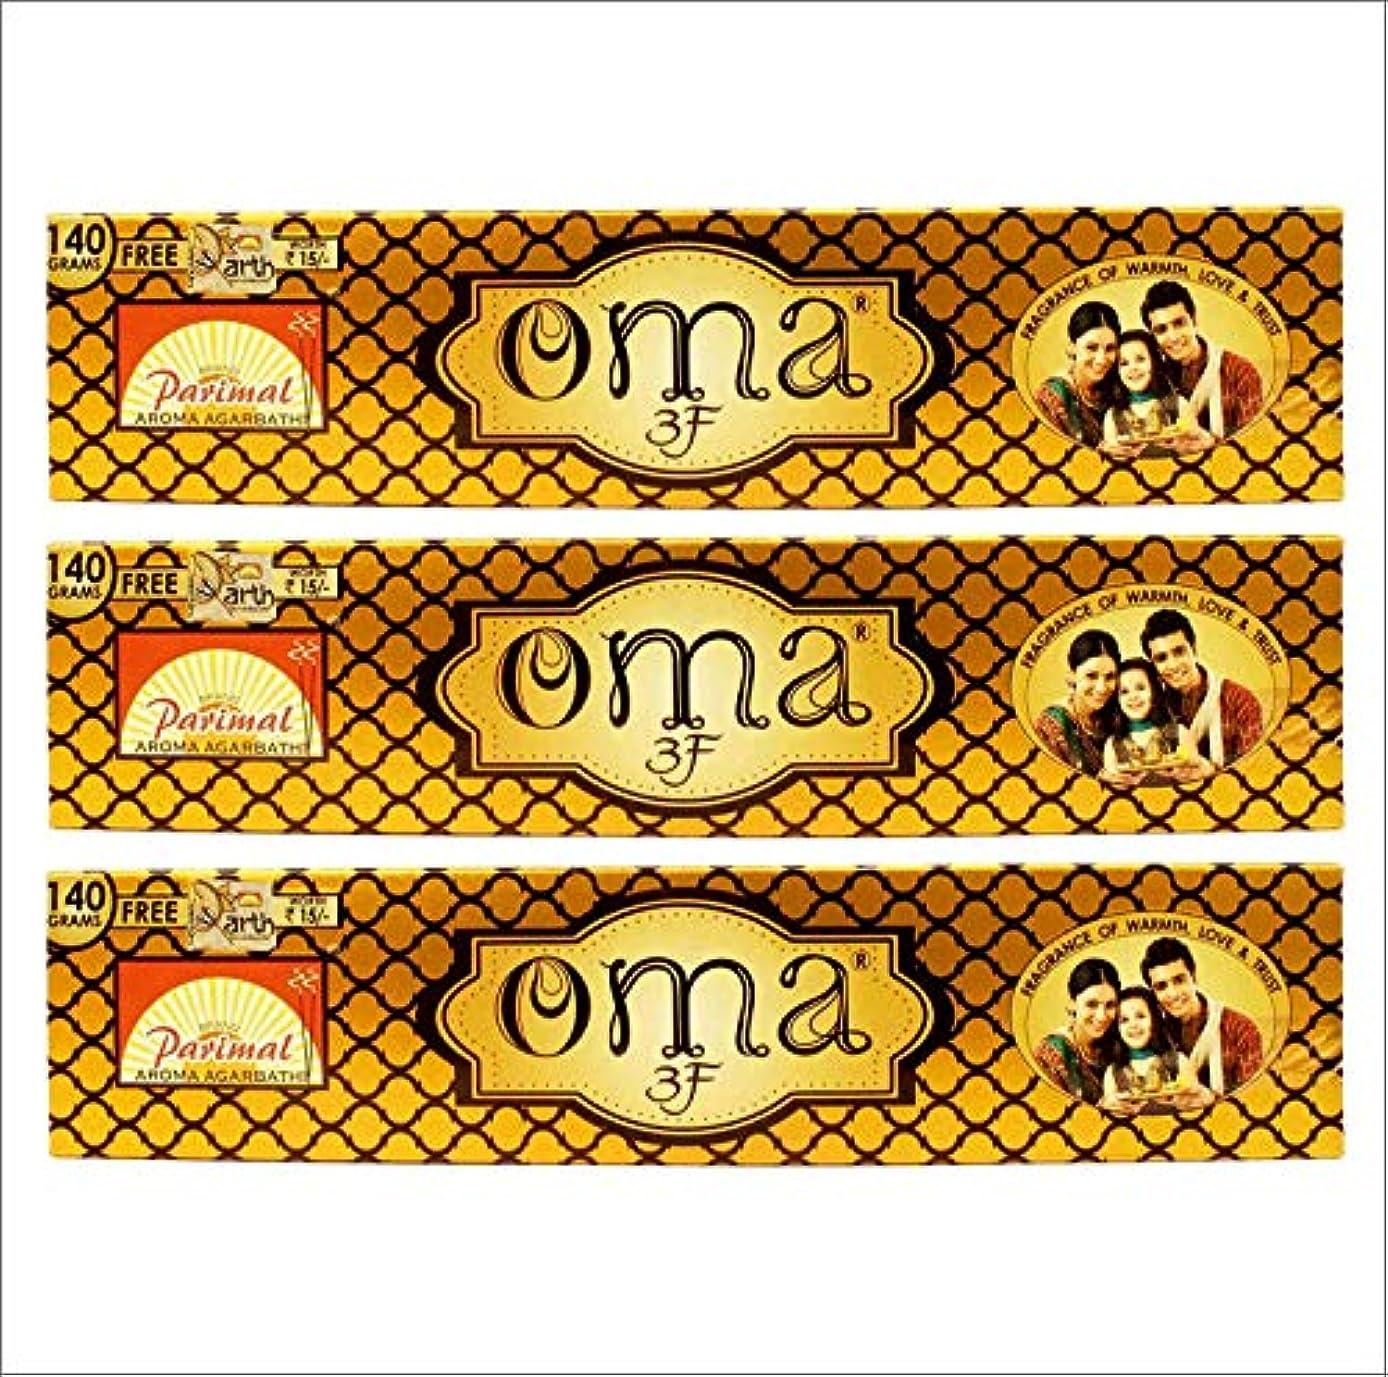 句テセウス候補者Parimal OMA 3F Incense Sticks